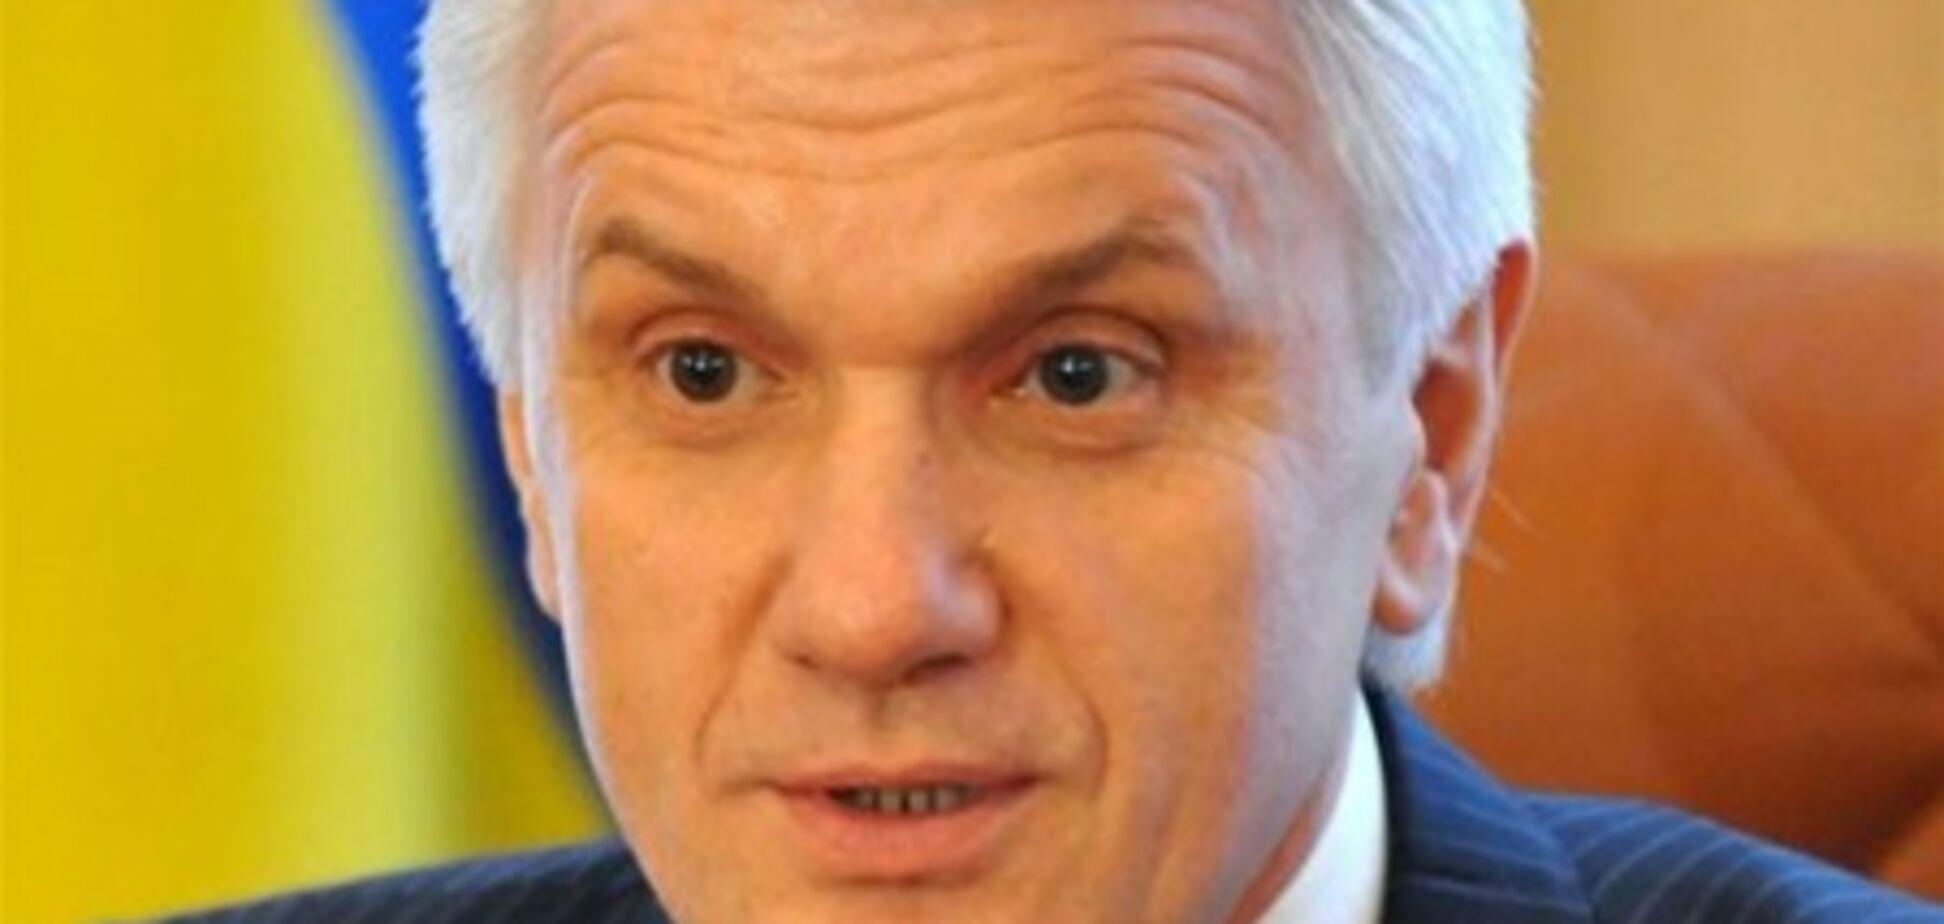 Литвин карьеру начинал в КГБ в должности дворника